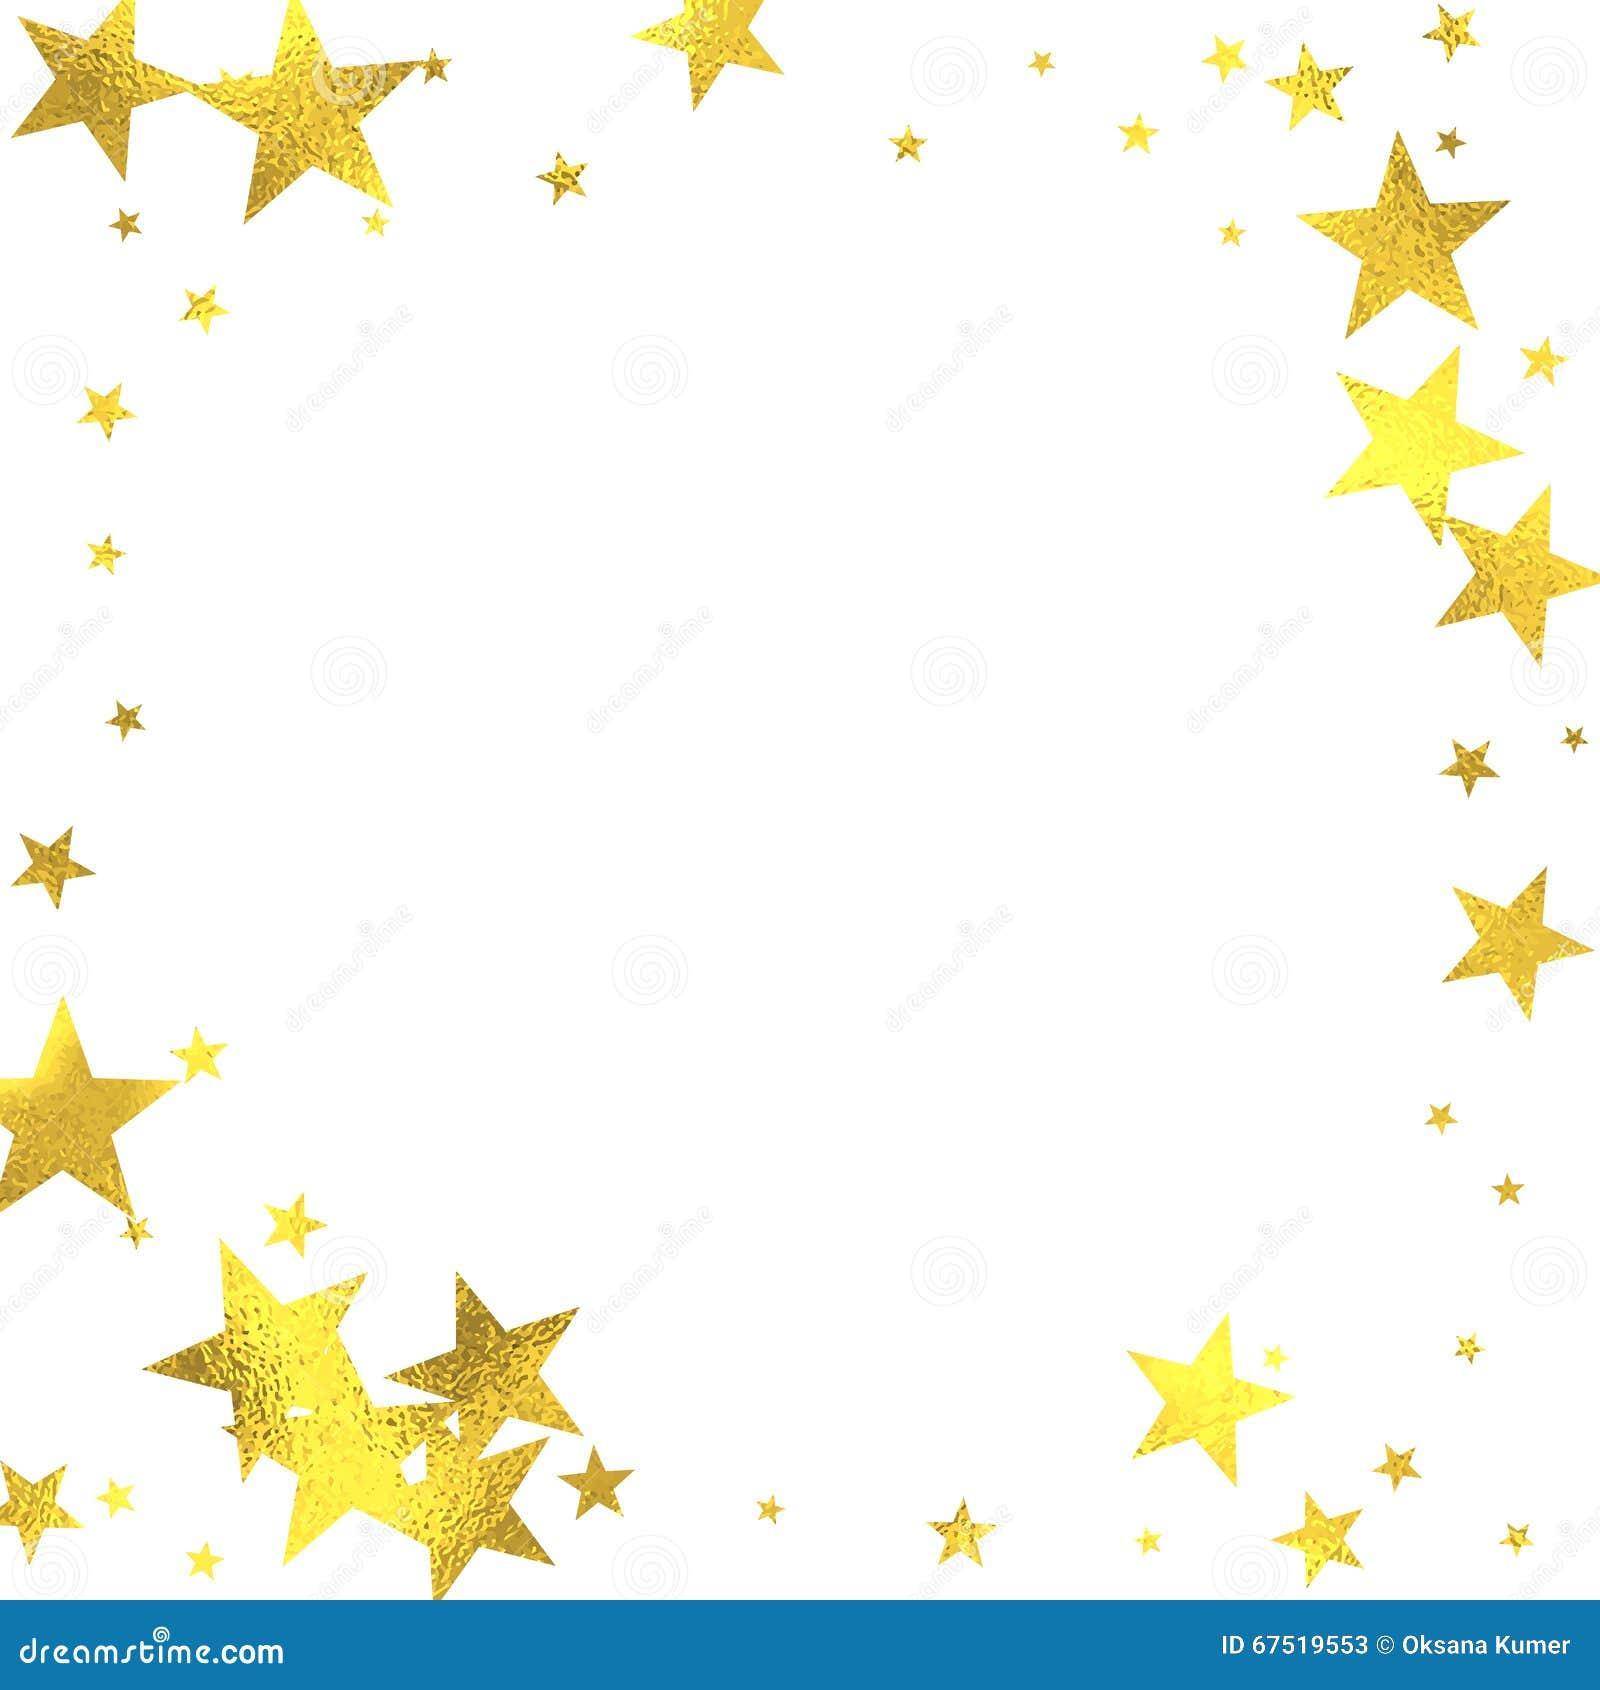 在大班背景的金闪烁的箔星白色美术剪纸说课稿图片